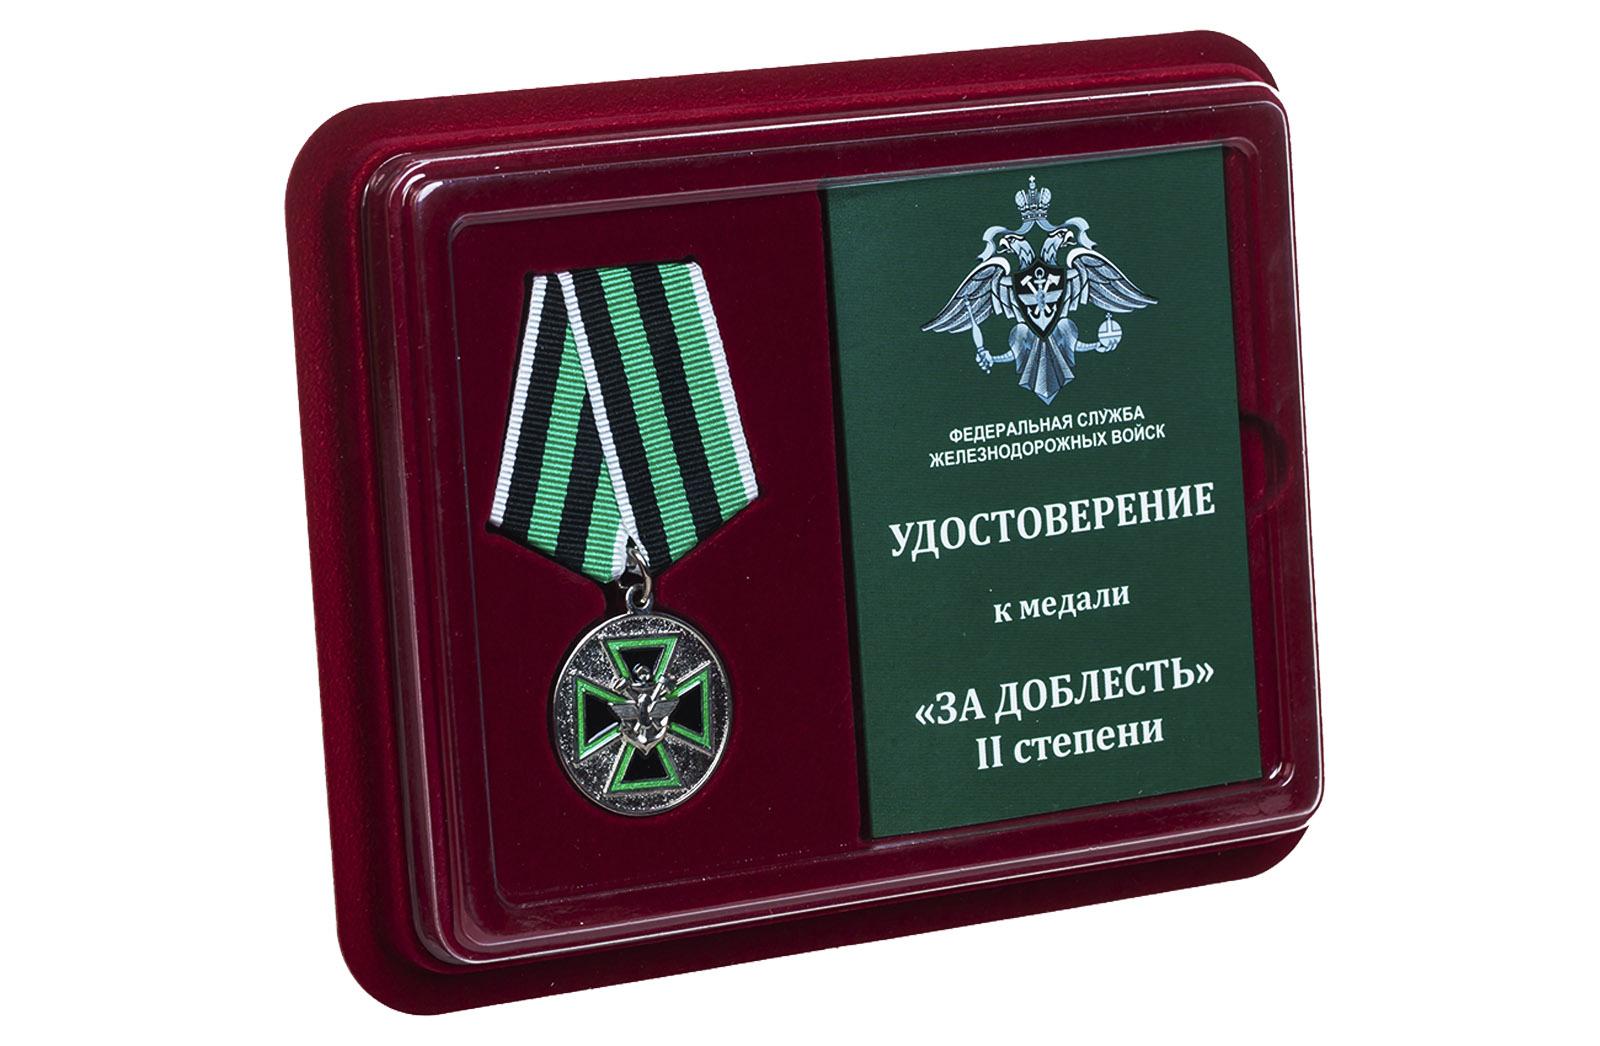 Медаль ФСЖВ  За доблесть (3 степень) купить самовывозом